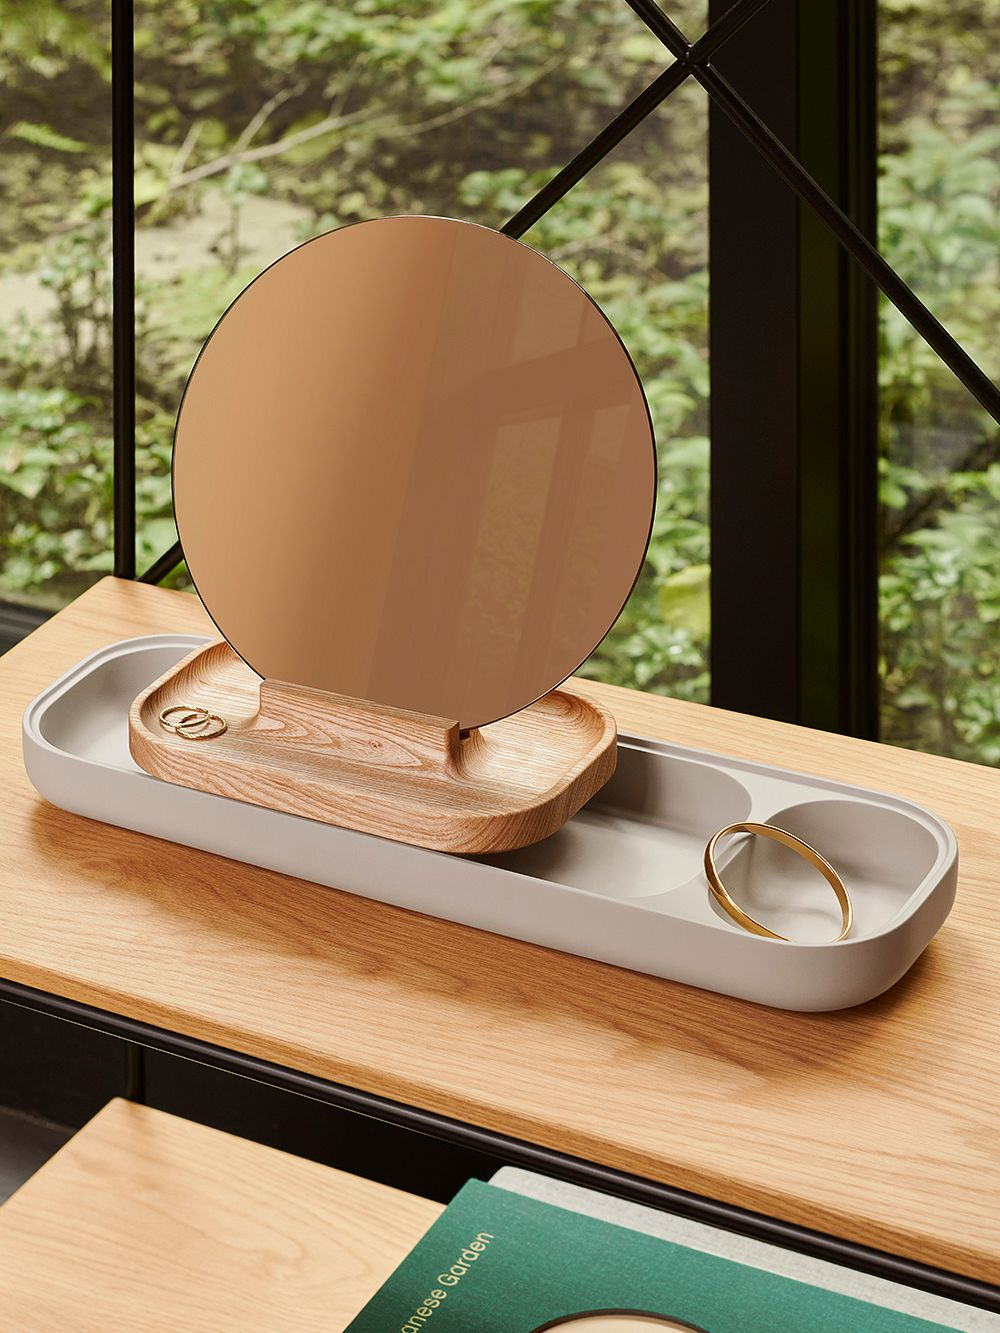 Fritz Hansen KN Slide mirror